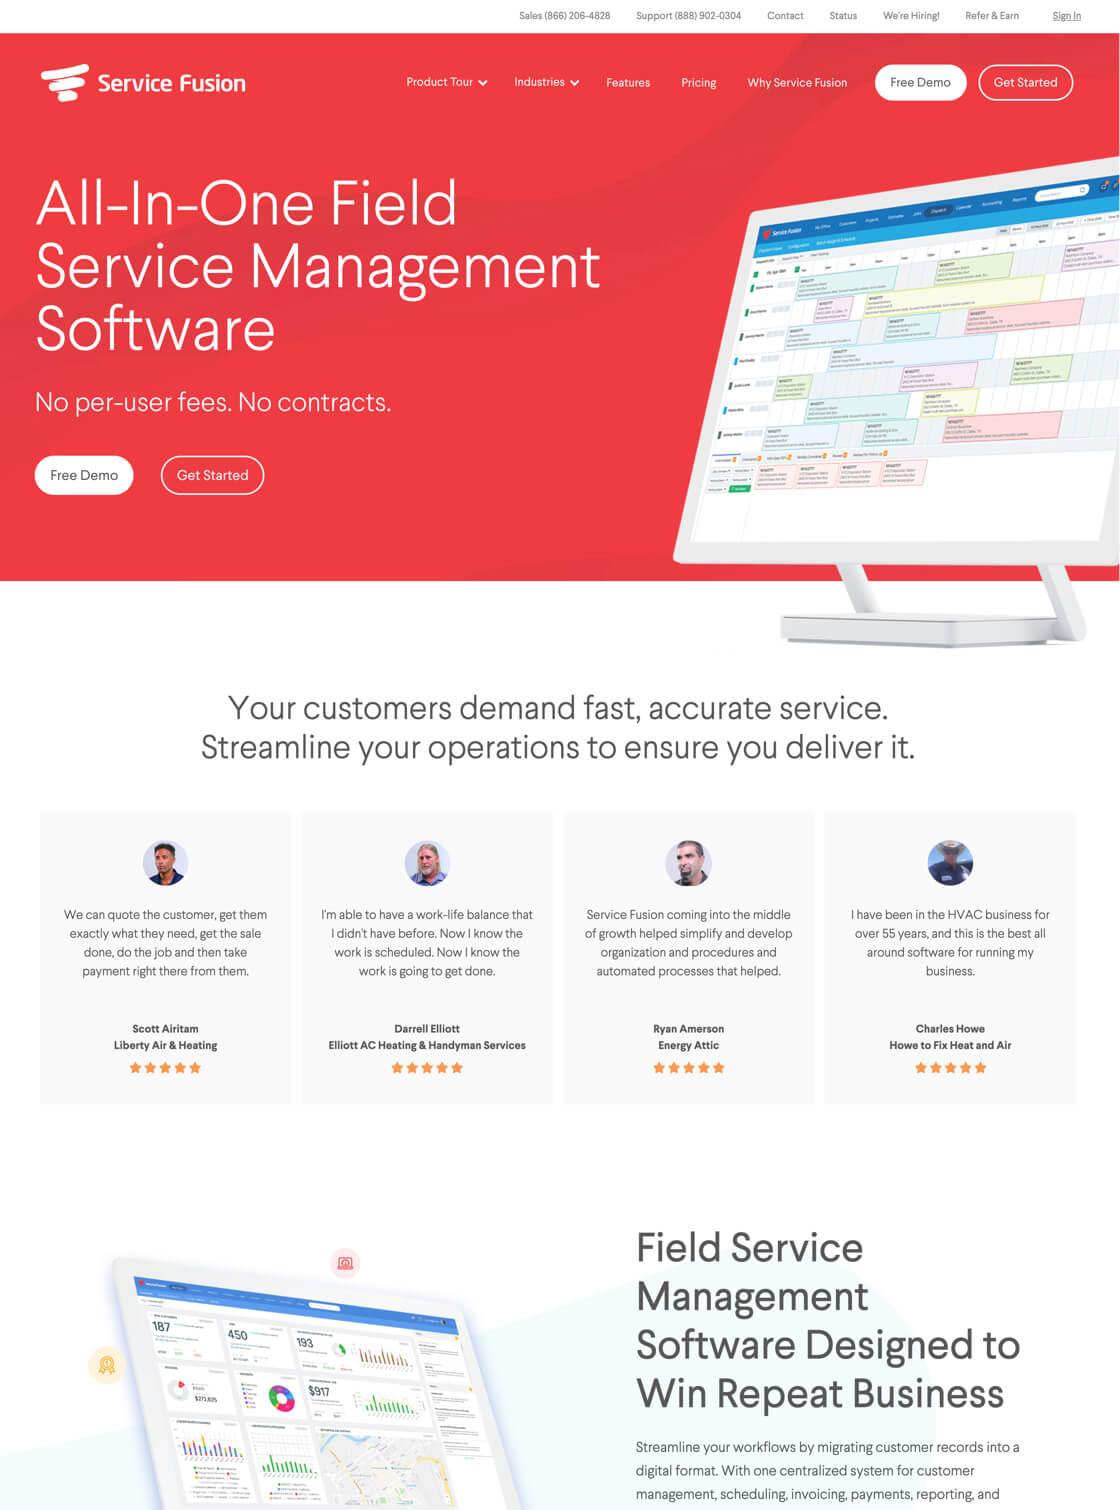 Service Fusion website on desktop